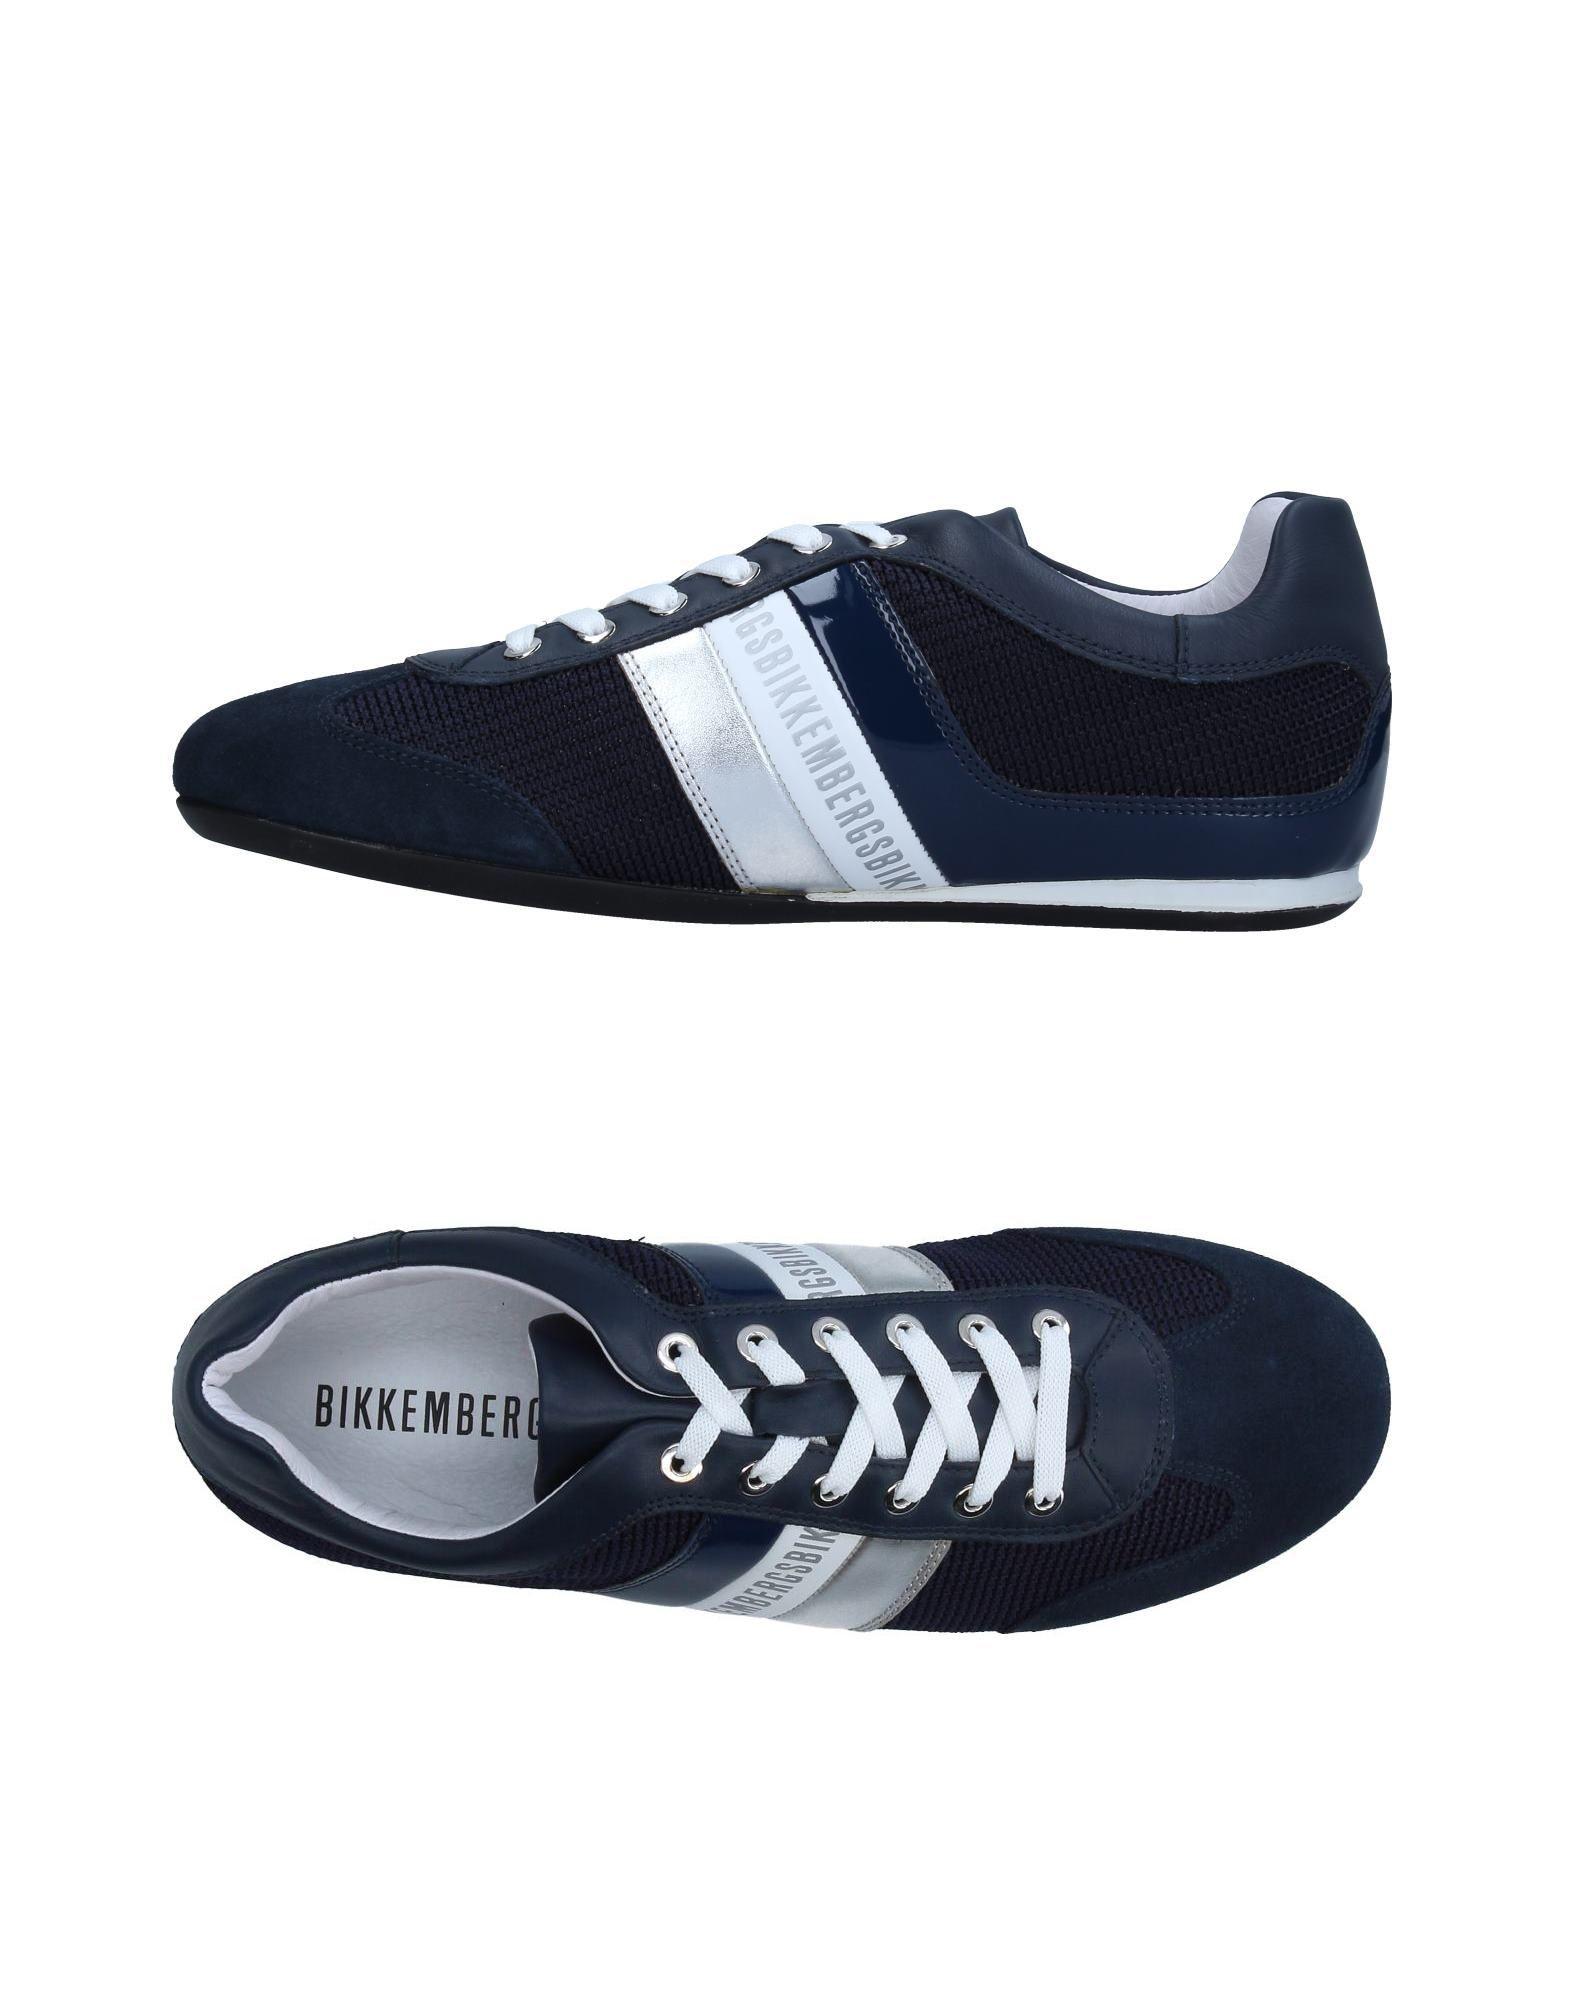 Bikkembergs Sneakers Herren  11332208XF Gute Qualität beliebte Schuhe